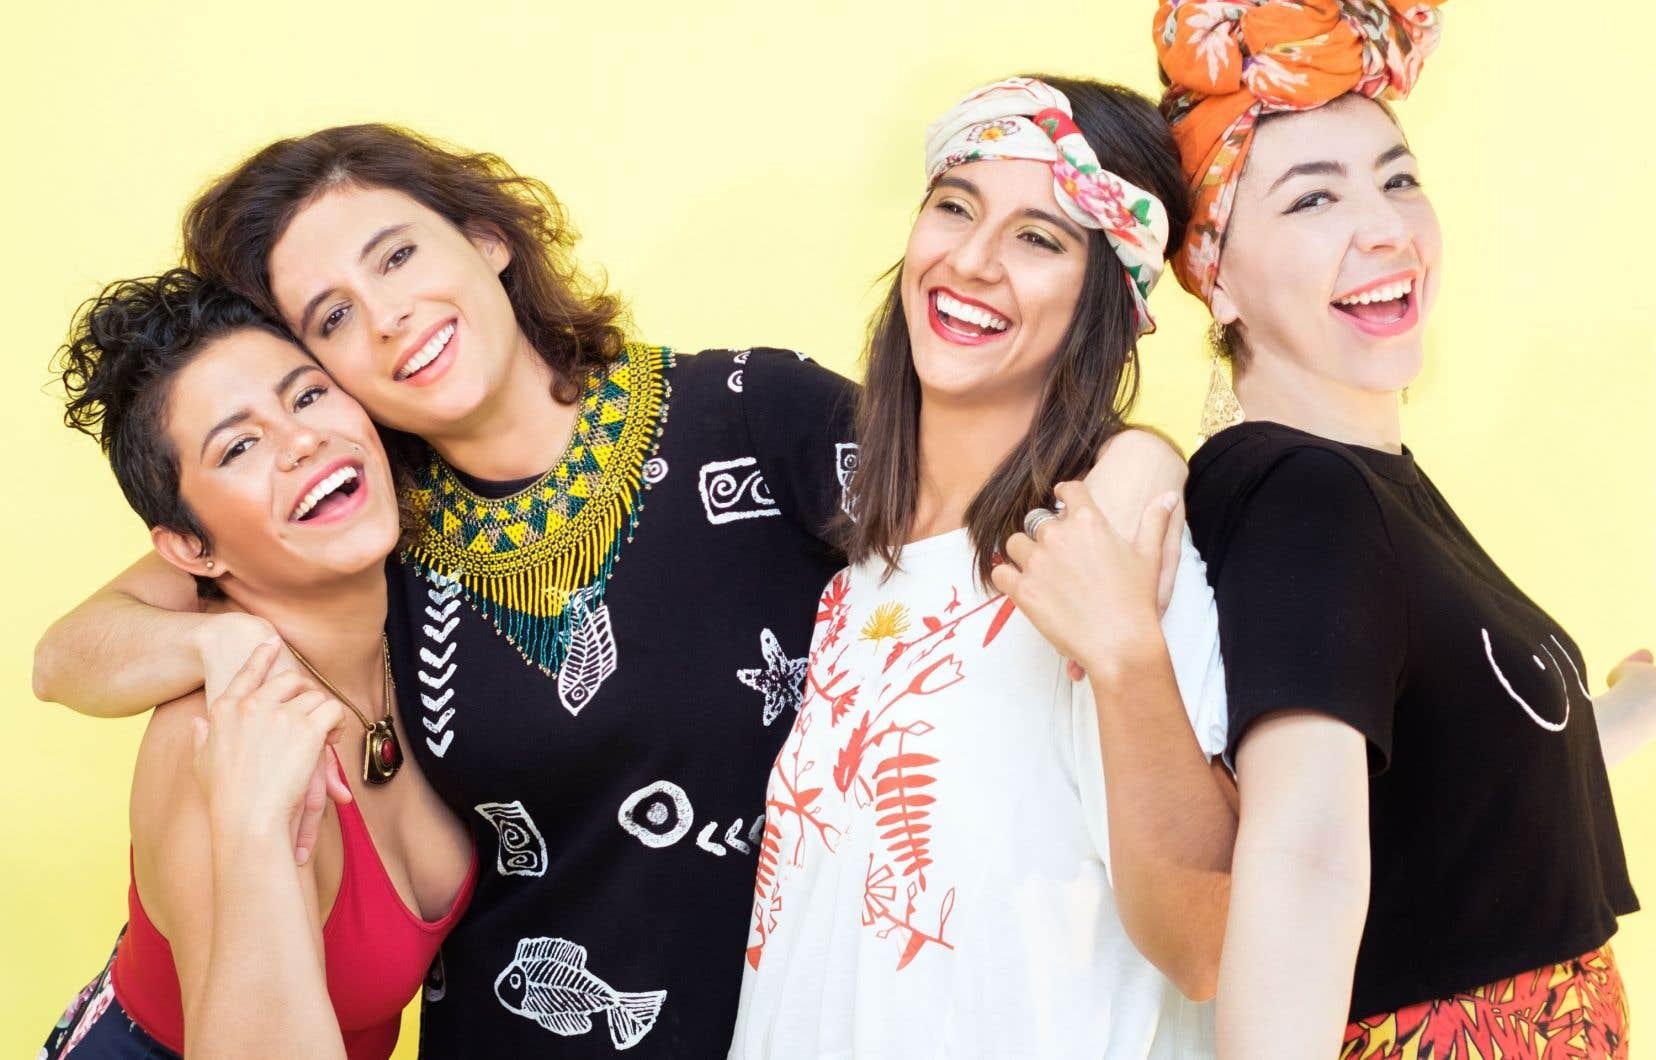 Ensemble, Lara Klaus, Daniela Serna, Mafer Bandola et Sara Lucas incarnent avec brio la façon dont les musiques traditionnelles d'Amérique latine perdurent aujourd'hui en parvenant à se renouveler.